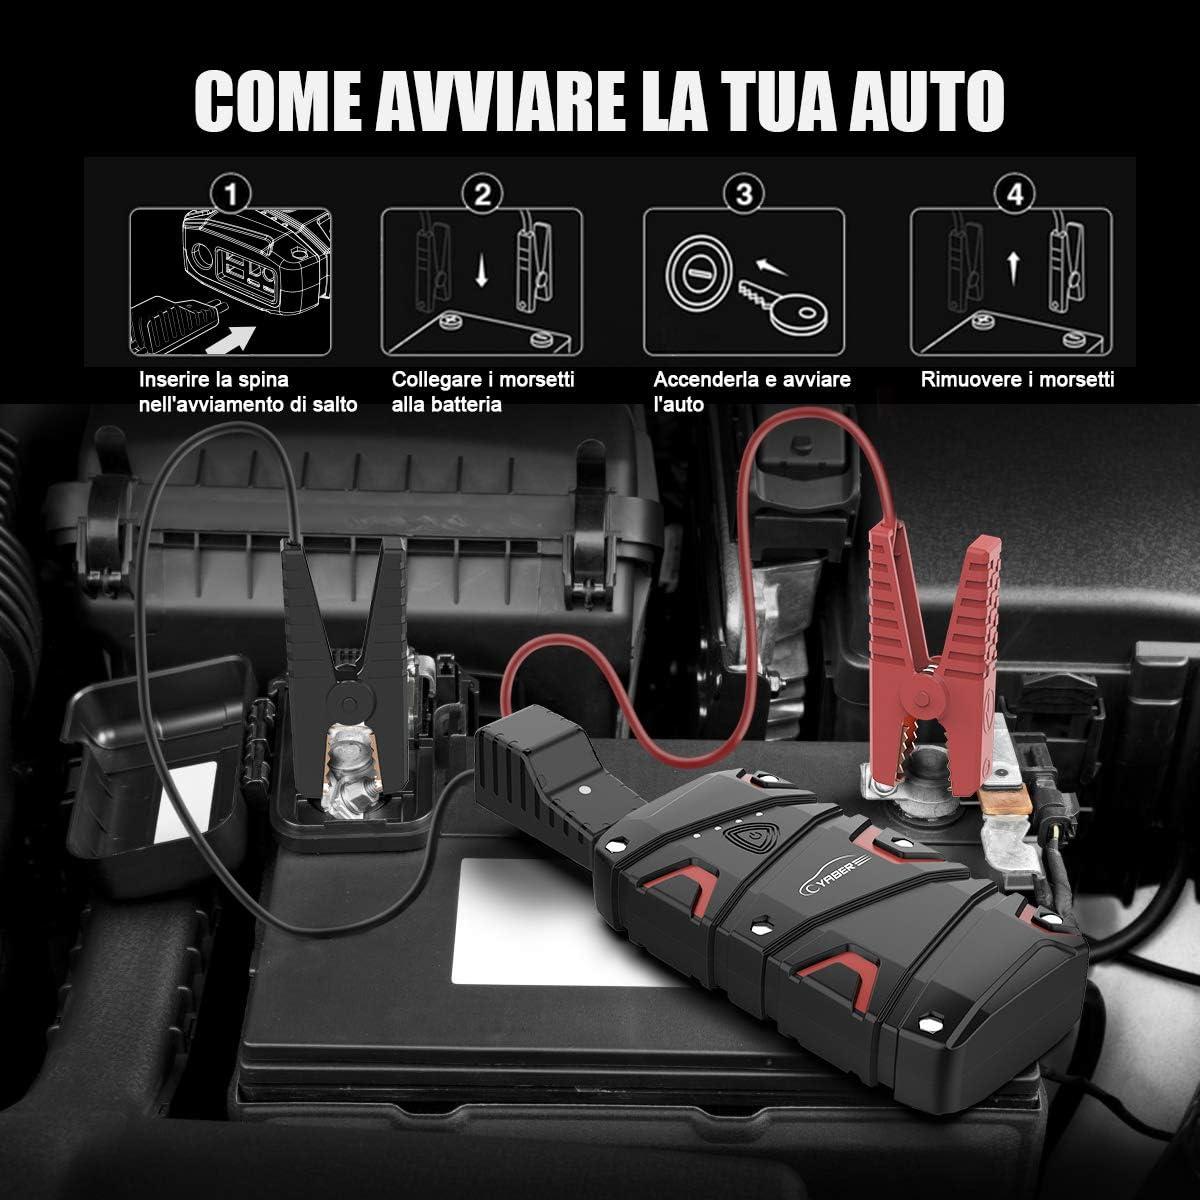 Fino a 7,5L a Benzina o Diesel da 6L Portatile Avviatore Emergenza per Auto//Moto Impermeabile IP68 Power Bank con QC 3.0 YABER Avviatore Batteria Auto 1200A 15000mAh Booster Avviamento Auto